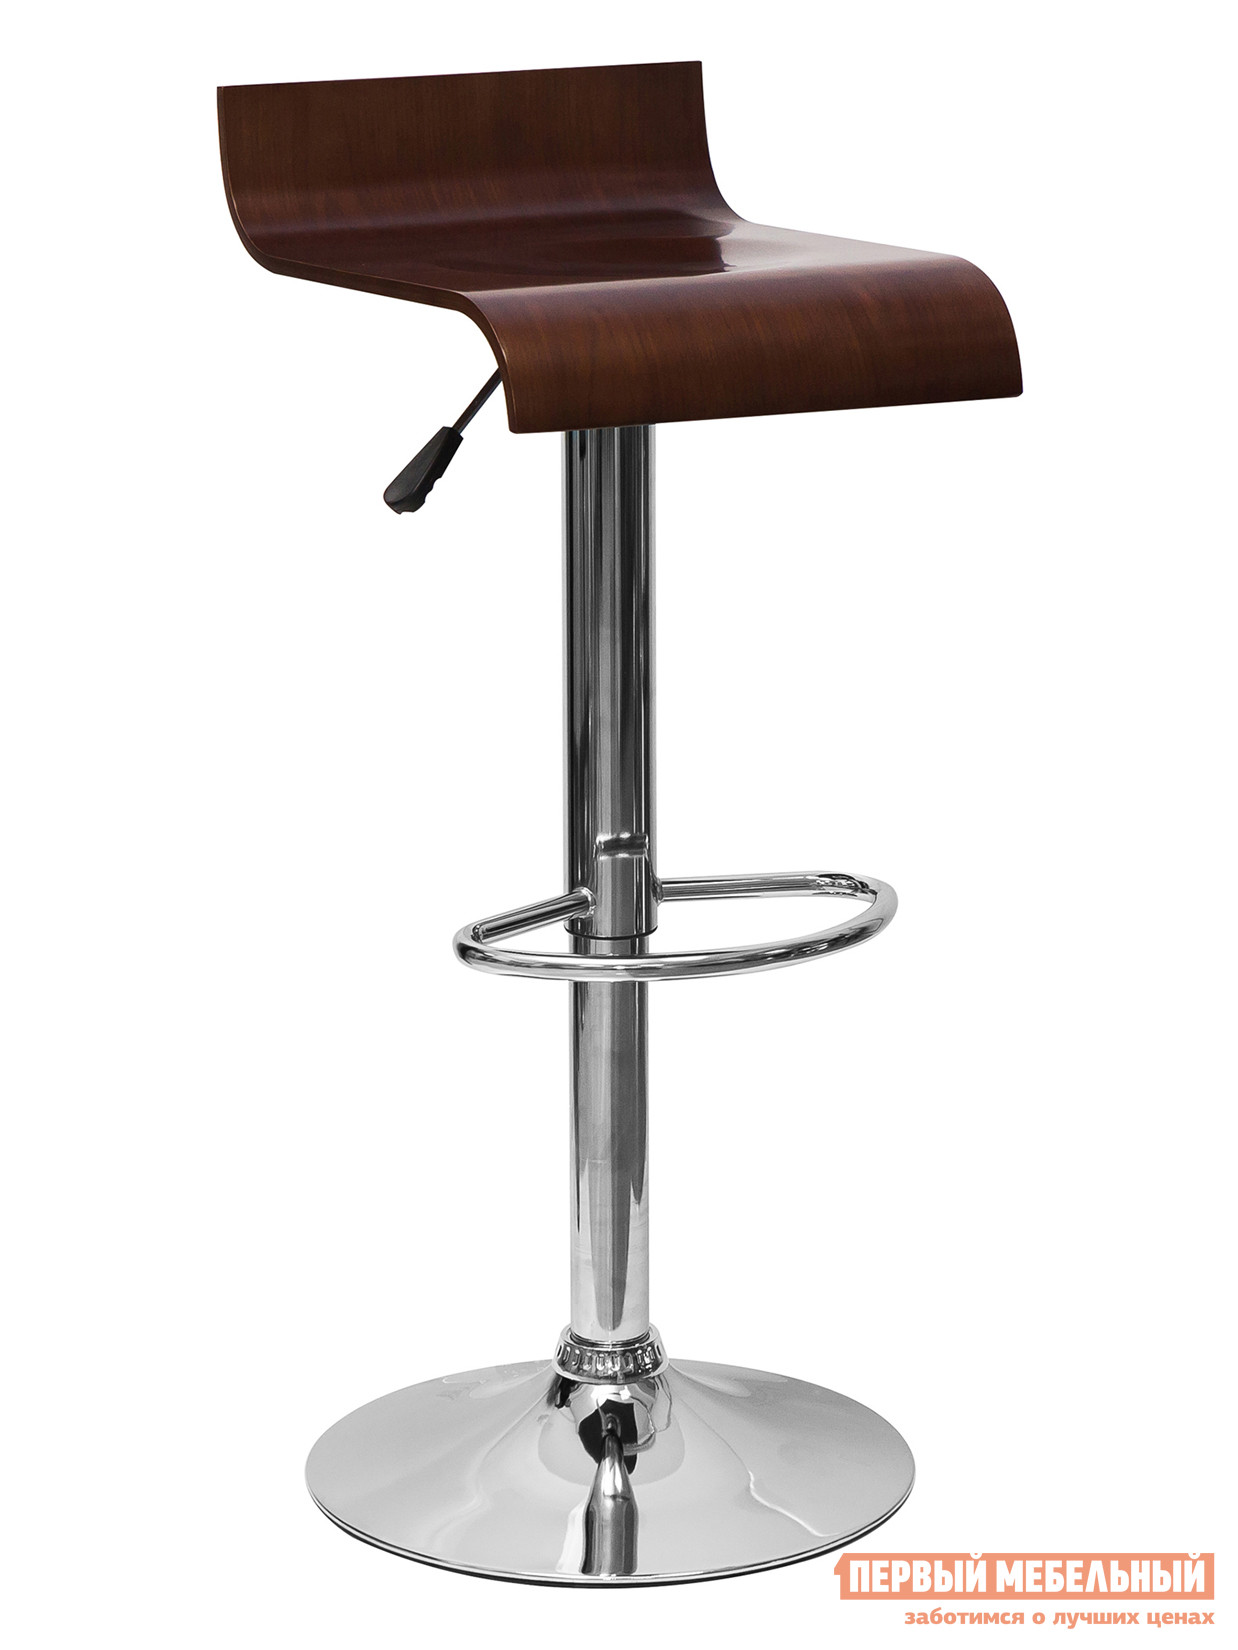 Барный стул Stool Group Стул барный Дублин барный стул nicolle